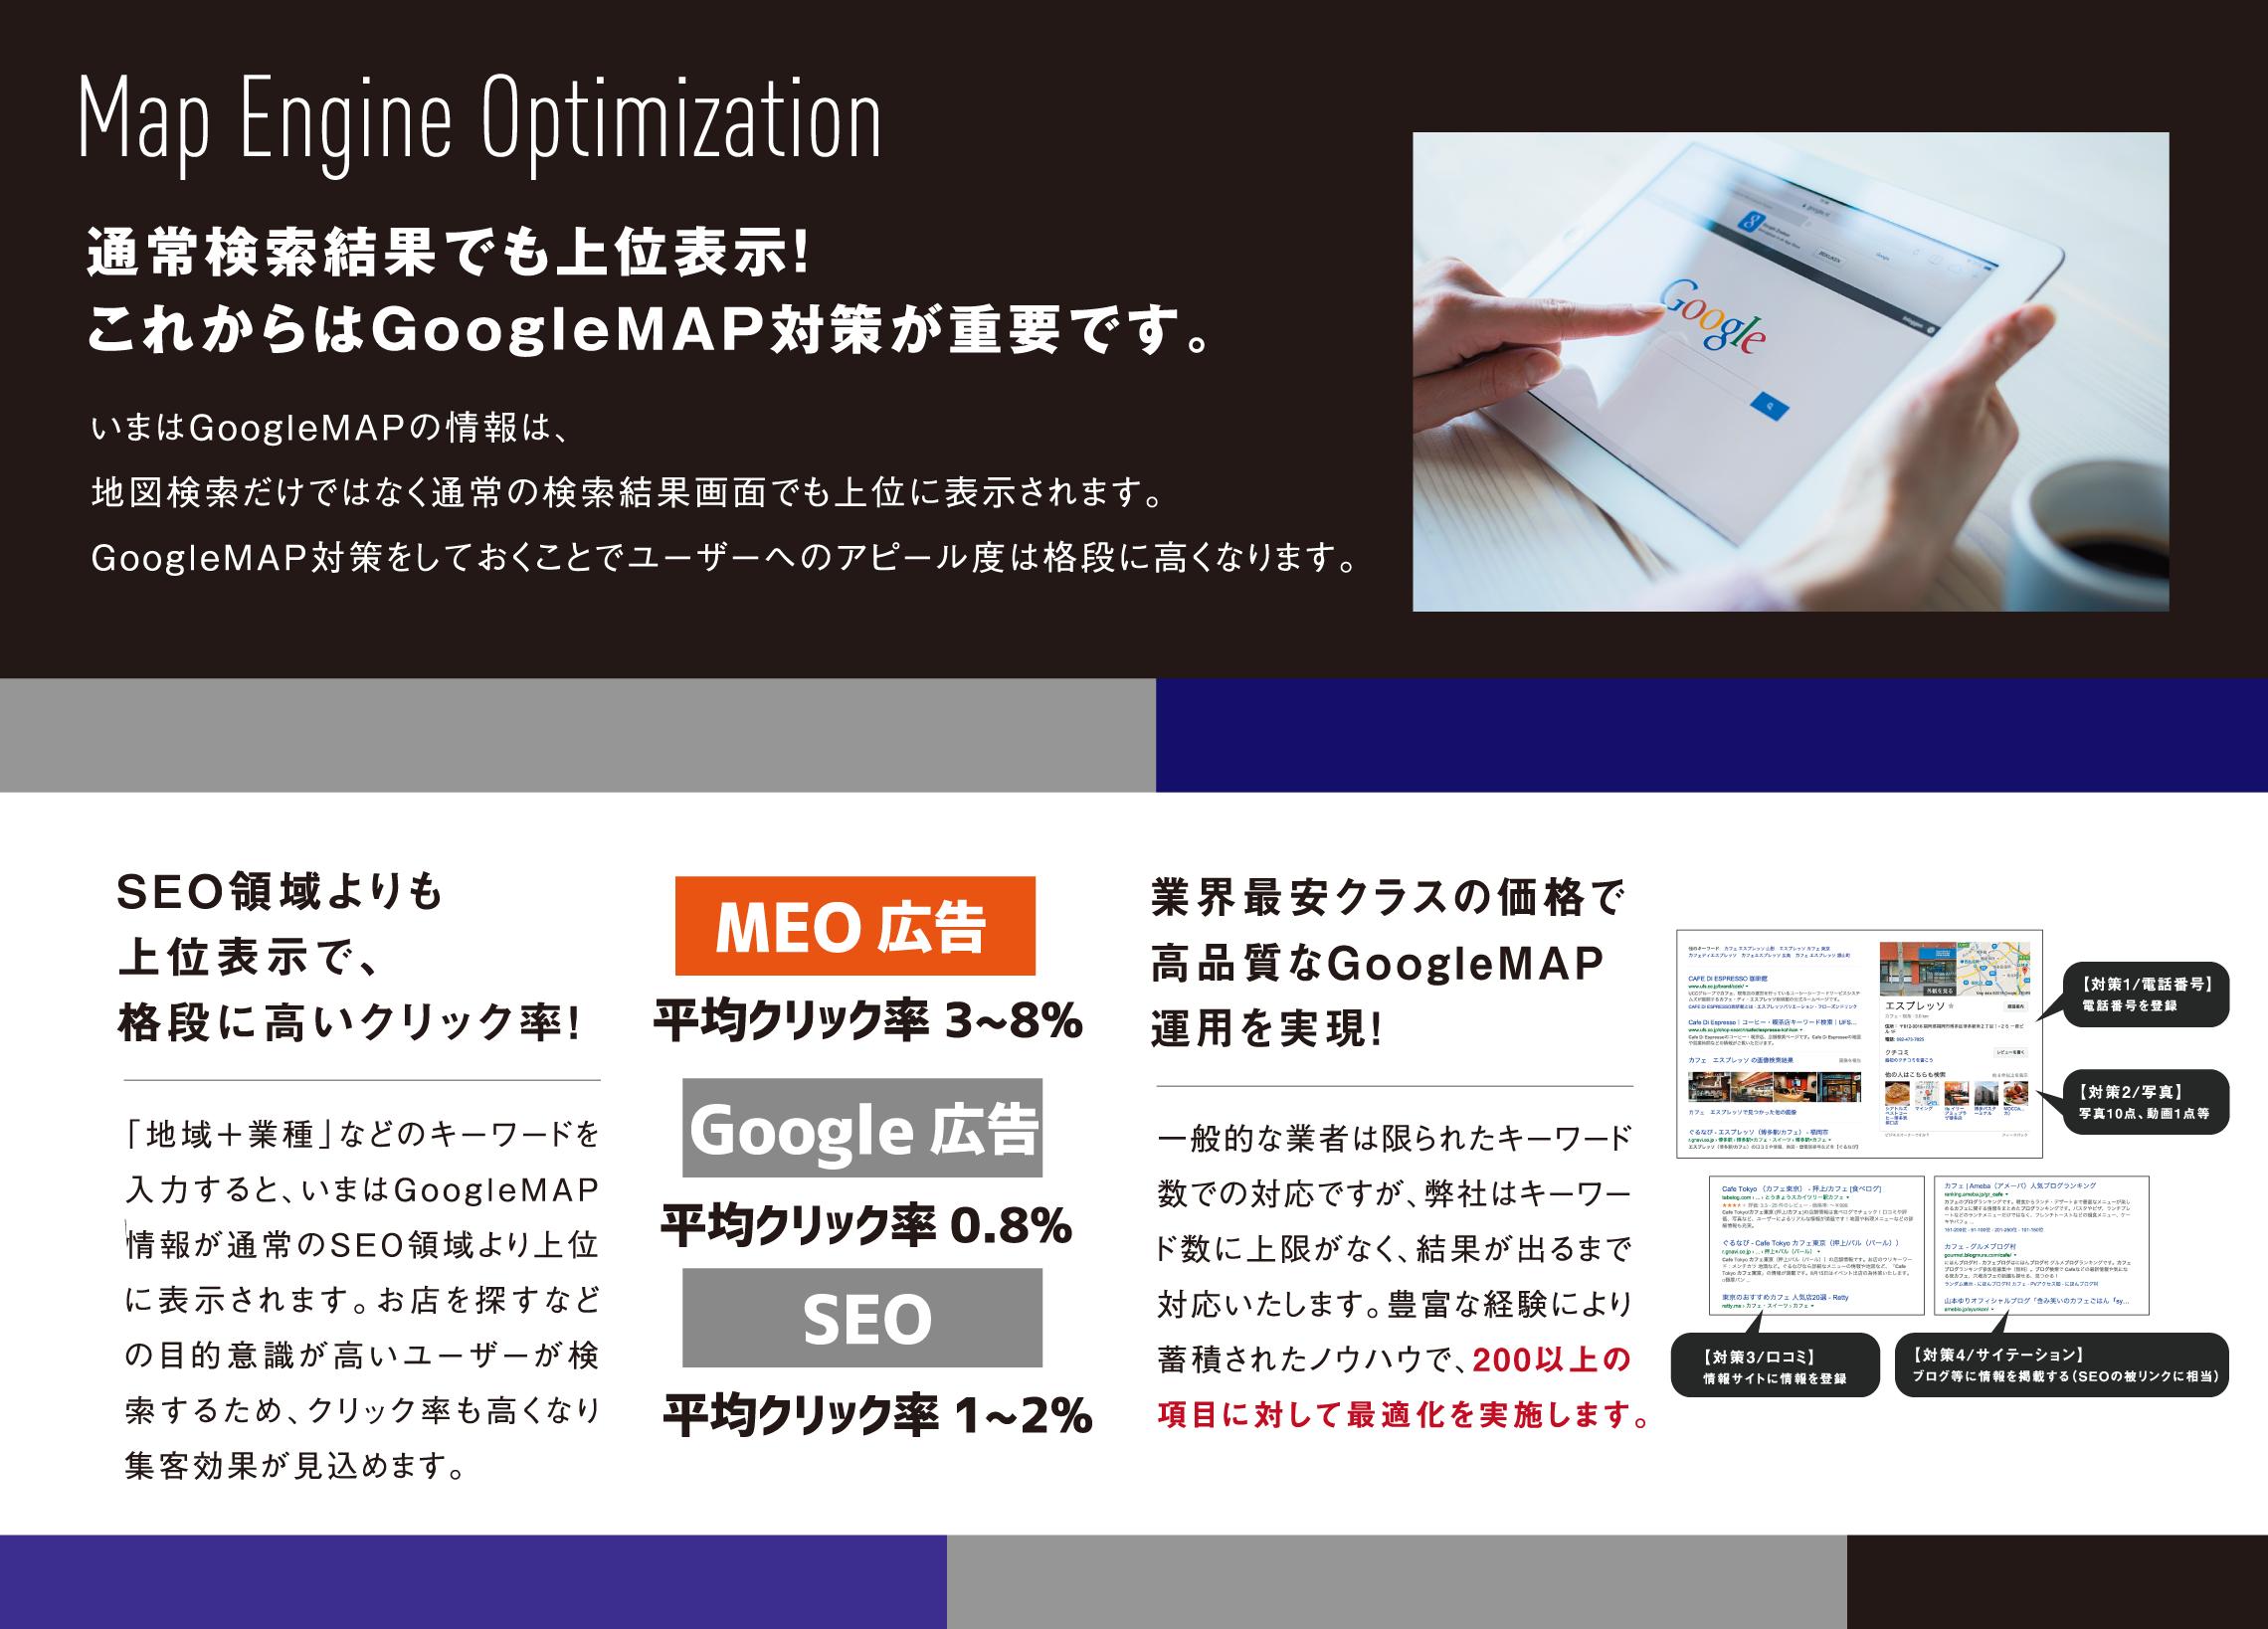 MEOはSEO対策の代わりに新しい検索エンジン対策。特定エリアでサービスを探しているユーザーを集客する事が出来ます